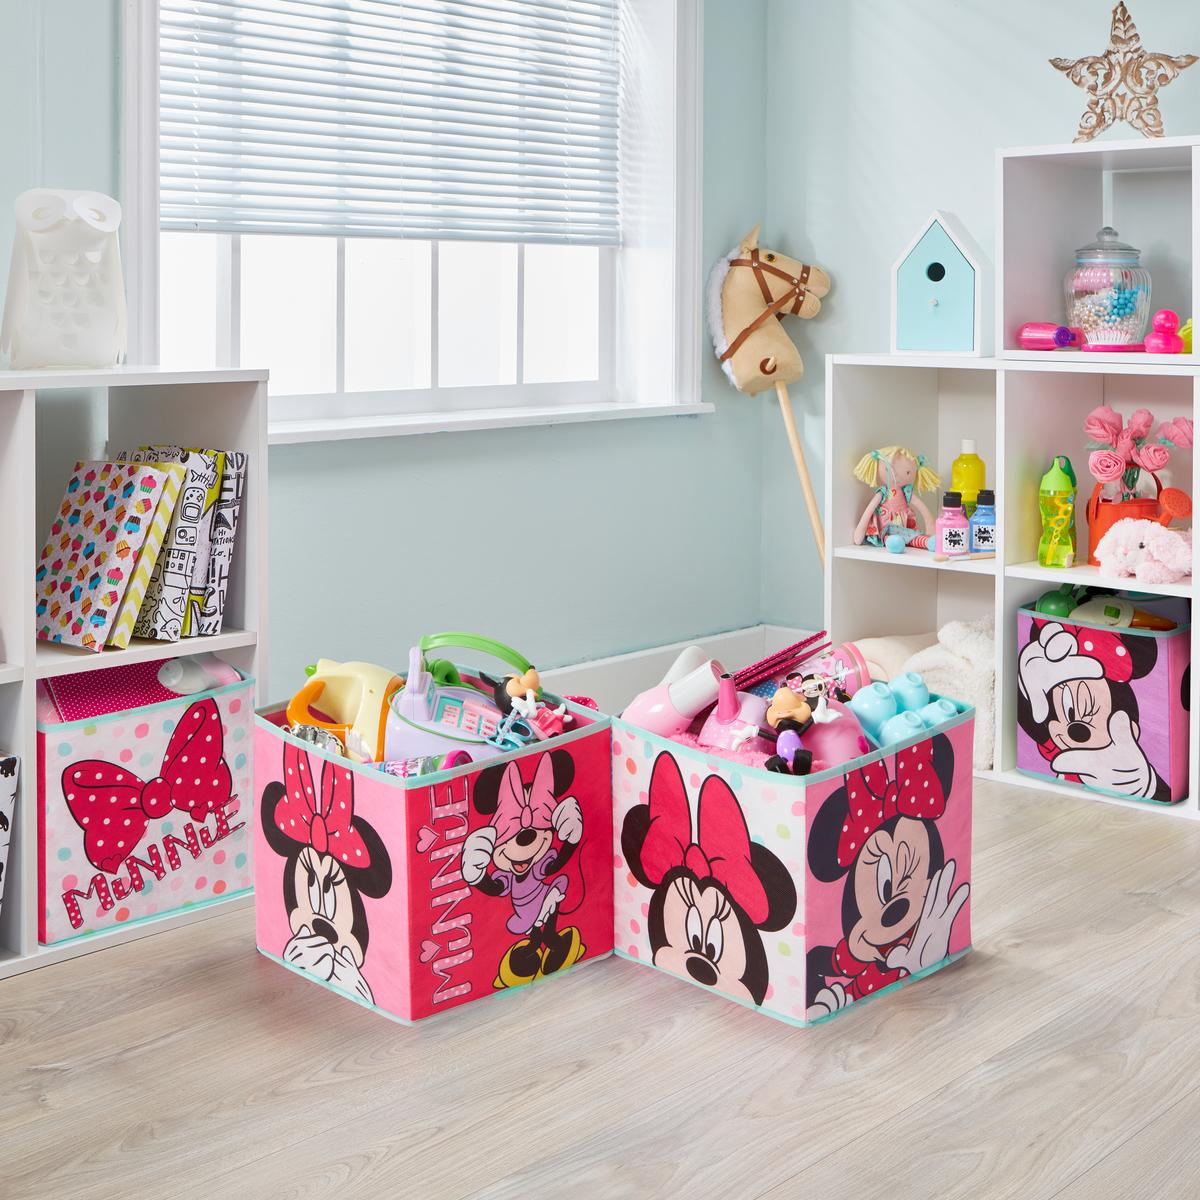 Štyri úložné boxy - Minnie Mouse